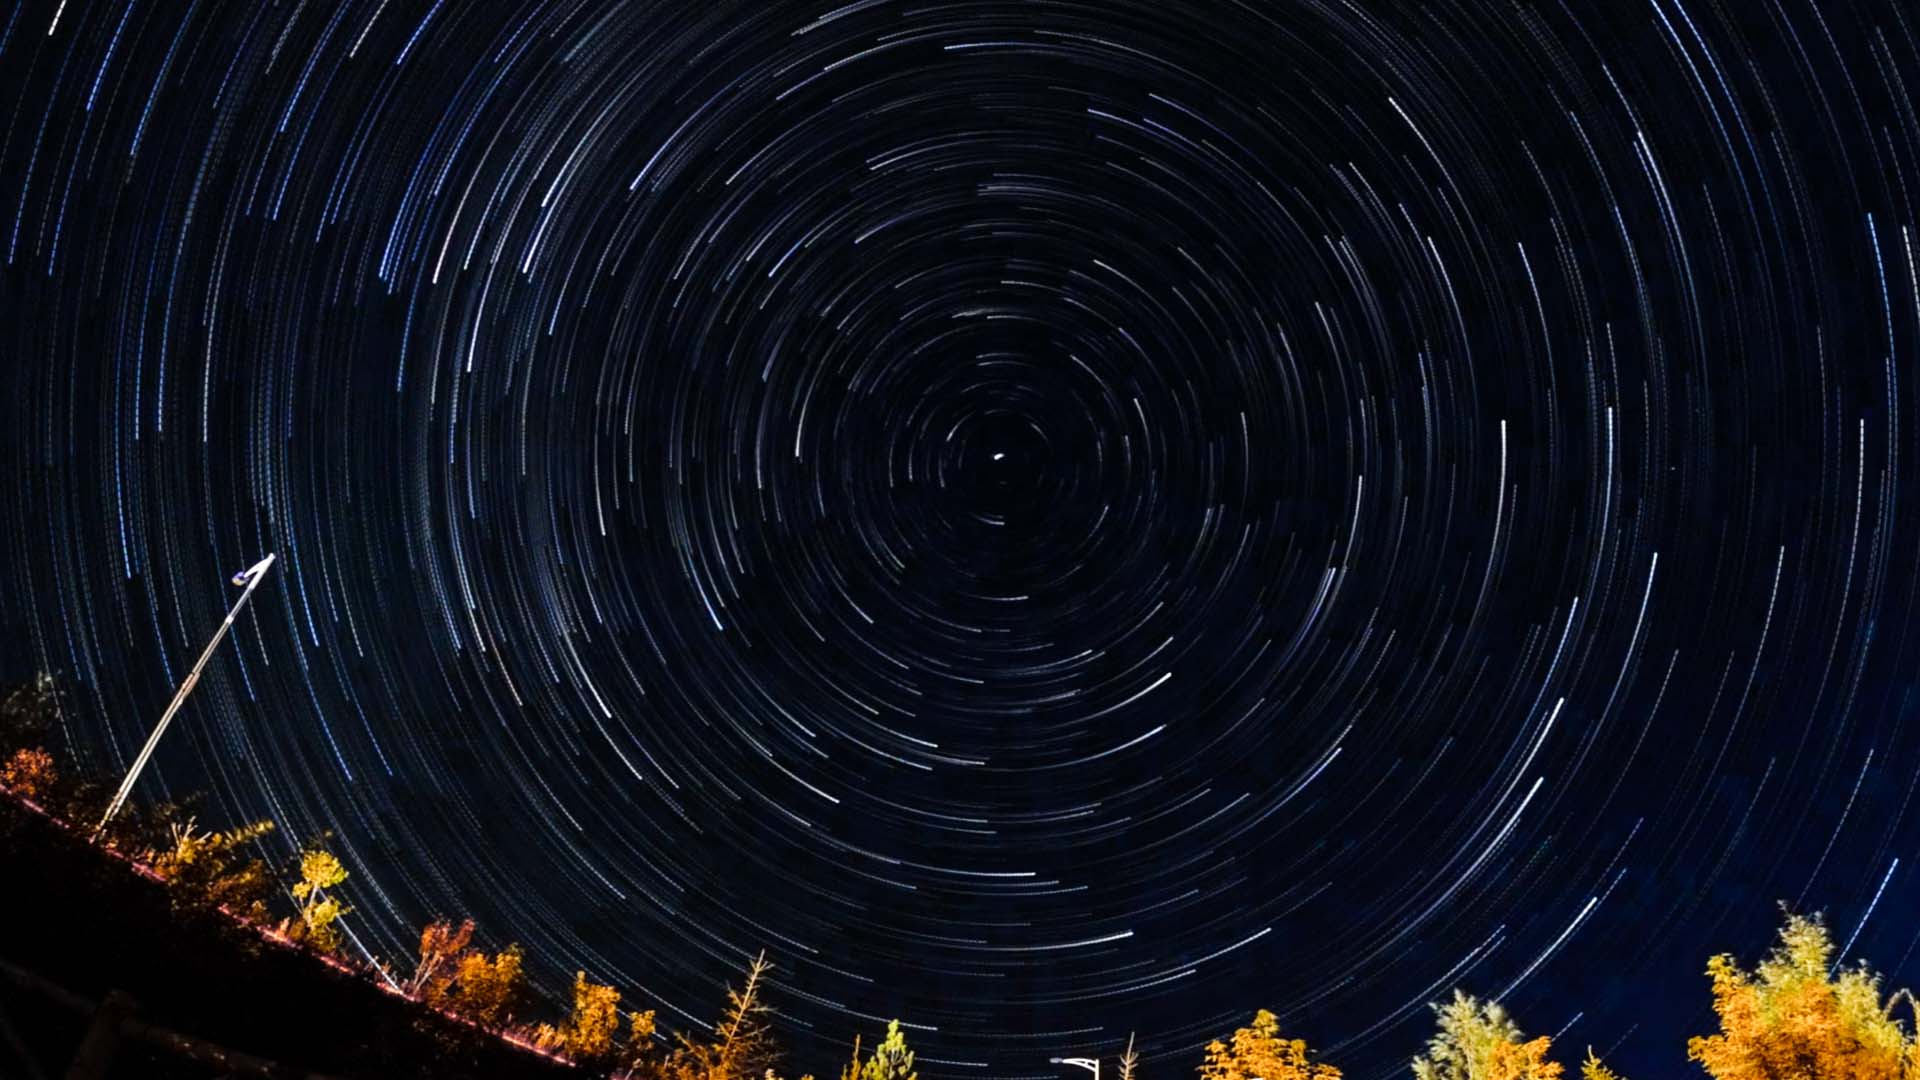 Funkcja Starlapse